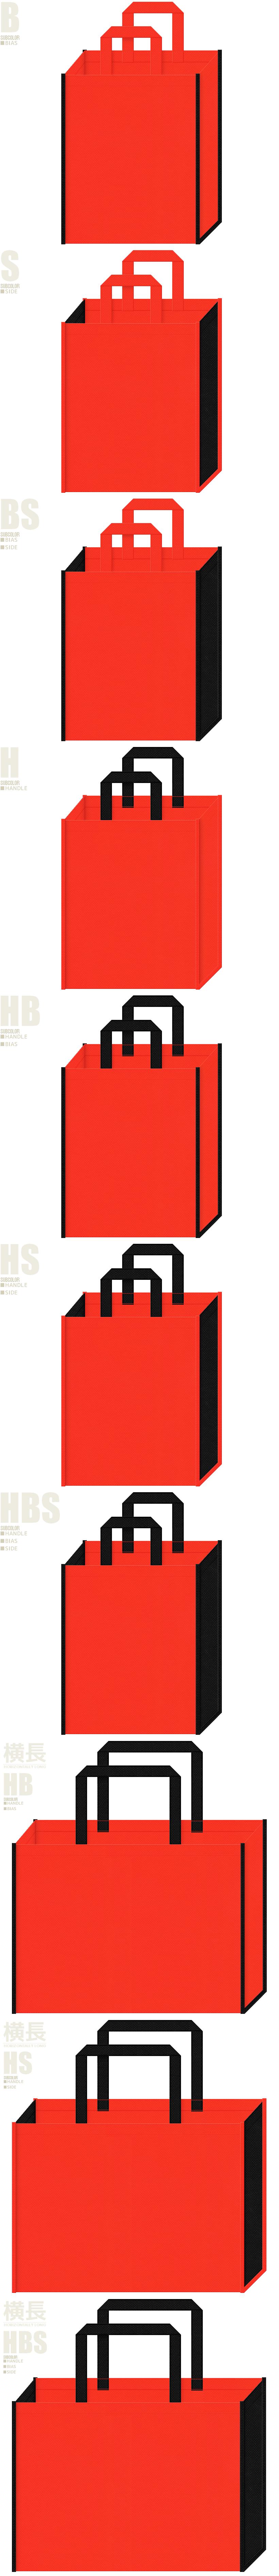 ハロウィン・アリーナ・ユニフォーム・シューズ・スポーツイベント・スポーティーファッション・スポーツ用品の展示会用バッグにお奨めの不織布バッグデザイン:オレンジ色と黒色の配色7パターン